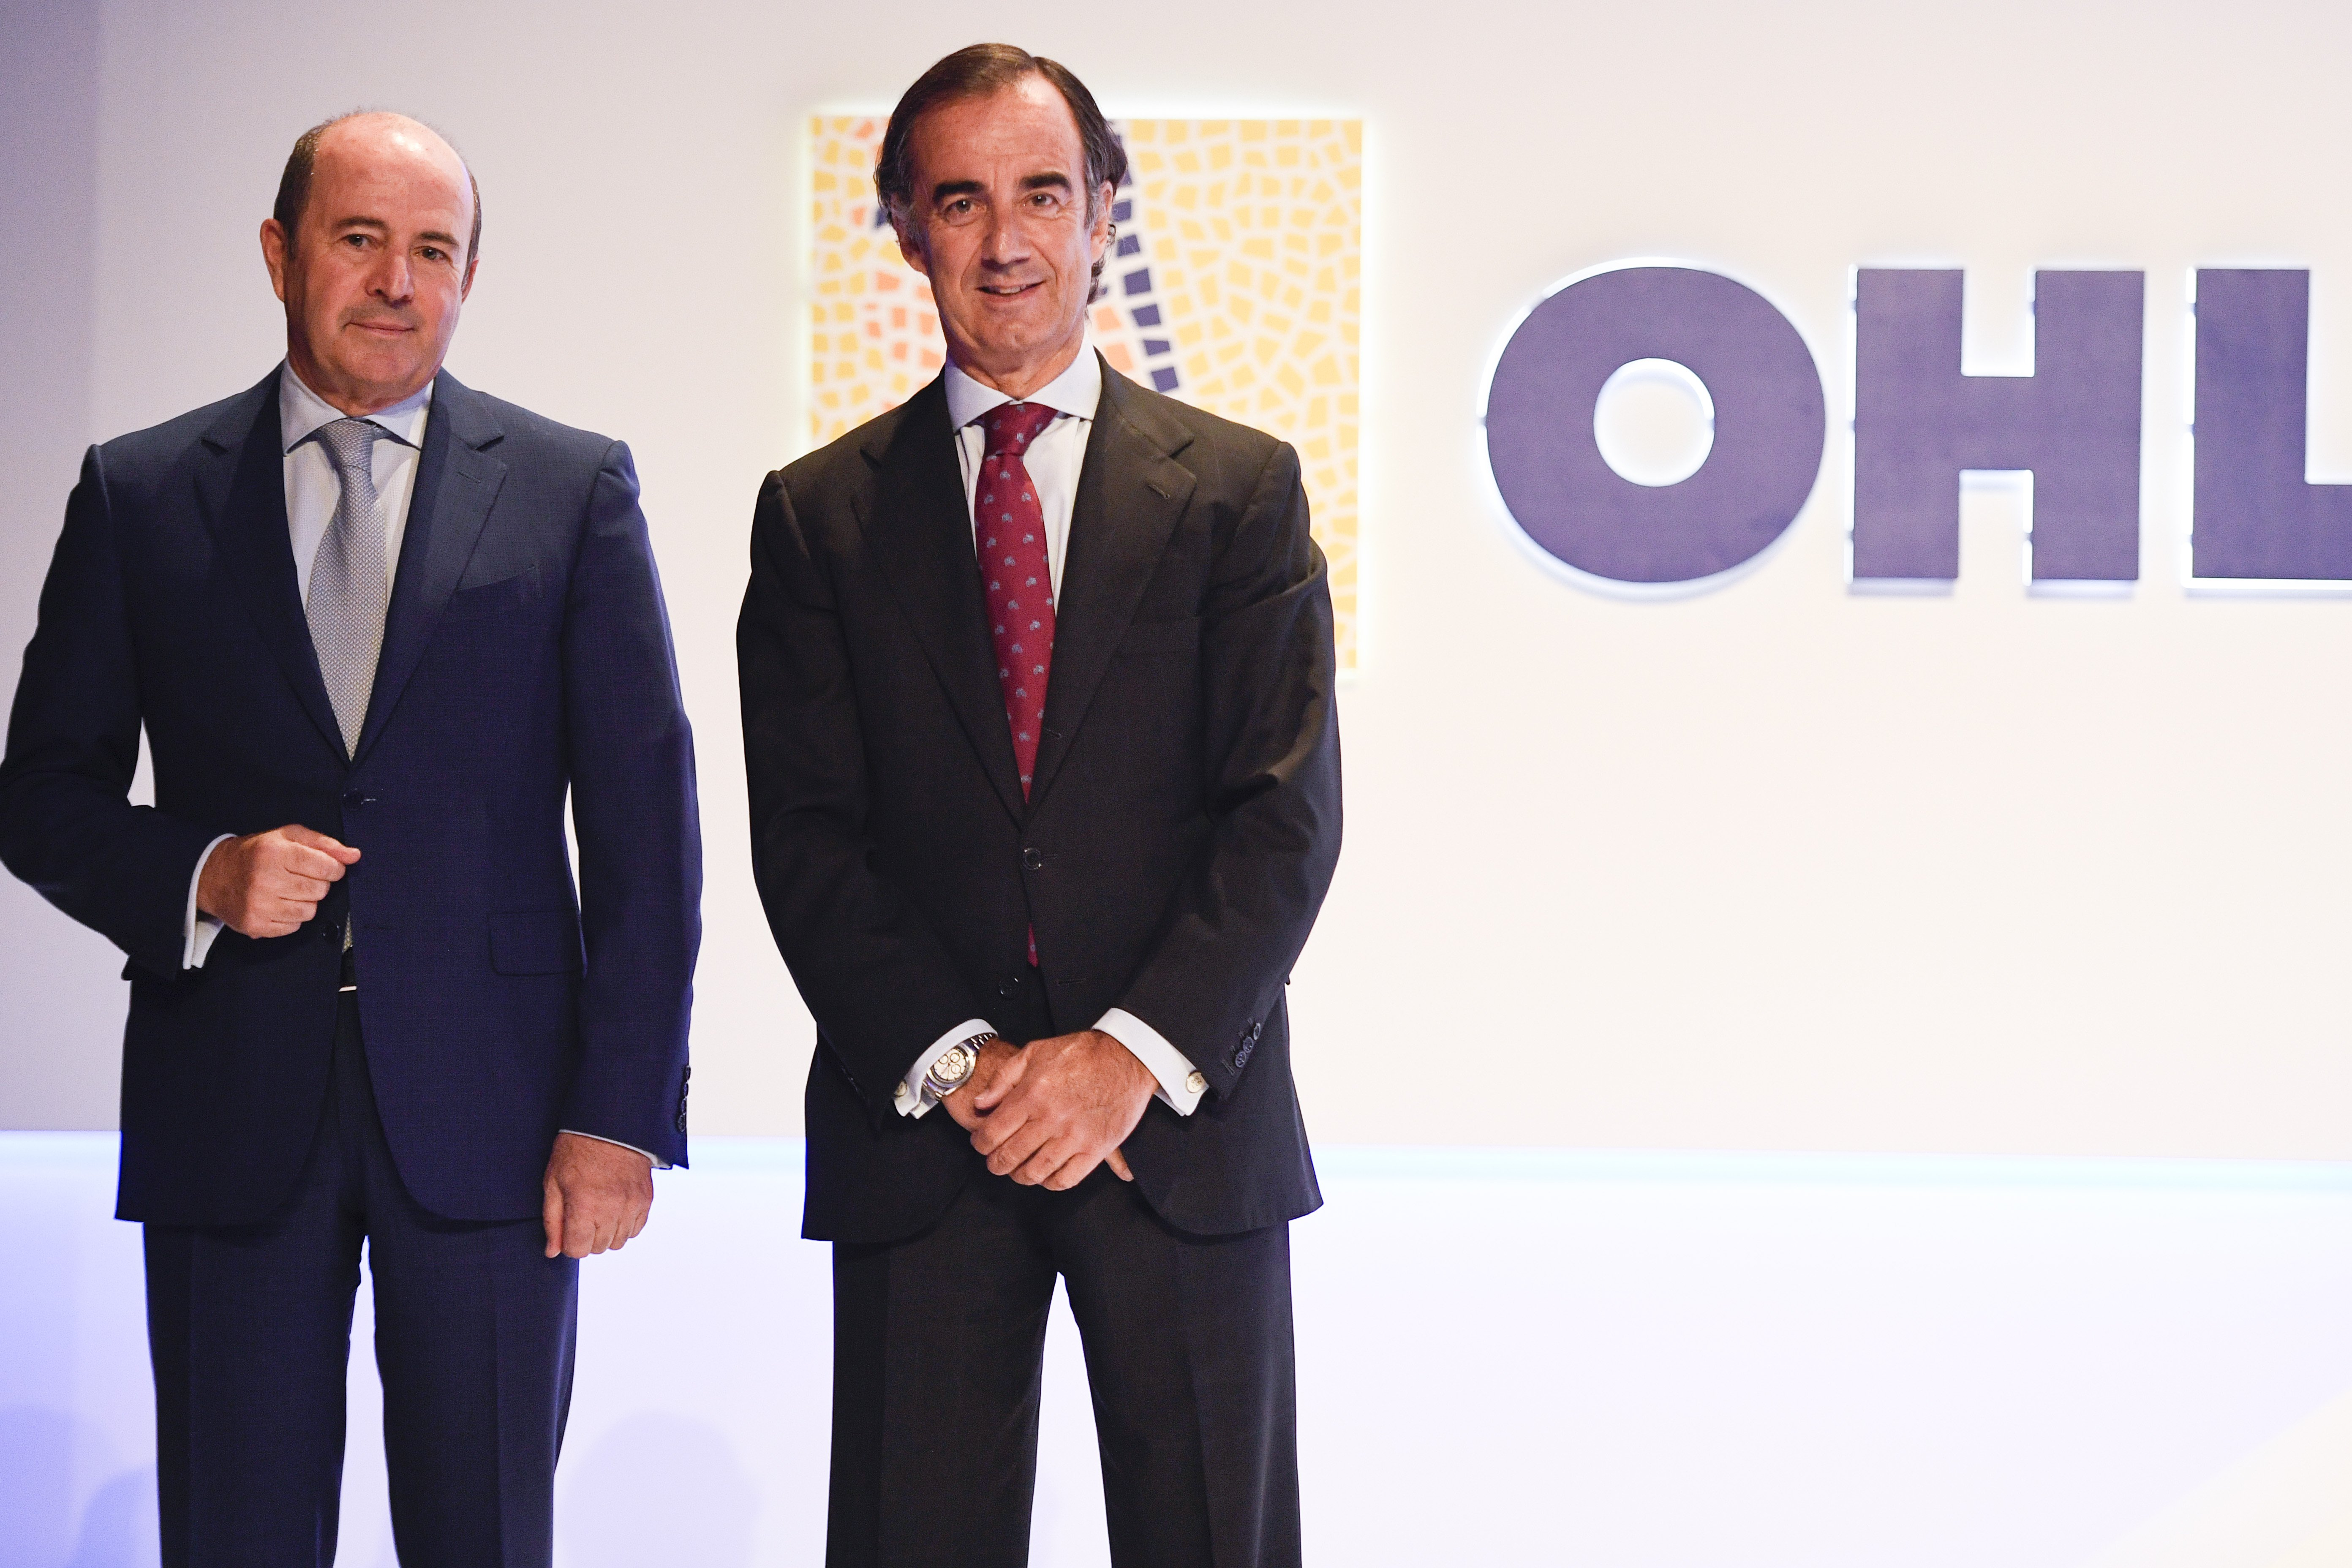 Jose Antonio Fernández Gallar y Juan Villar-Mir de Fuentes aseguran que 2019 será un año de transición para OHL